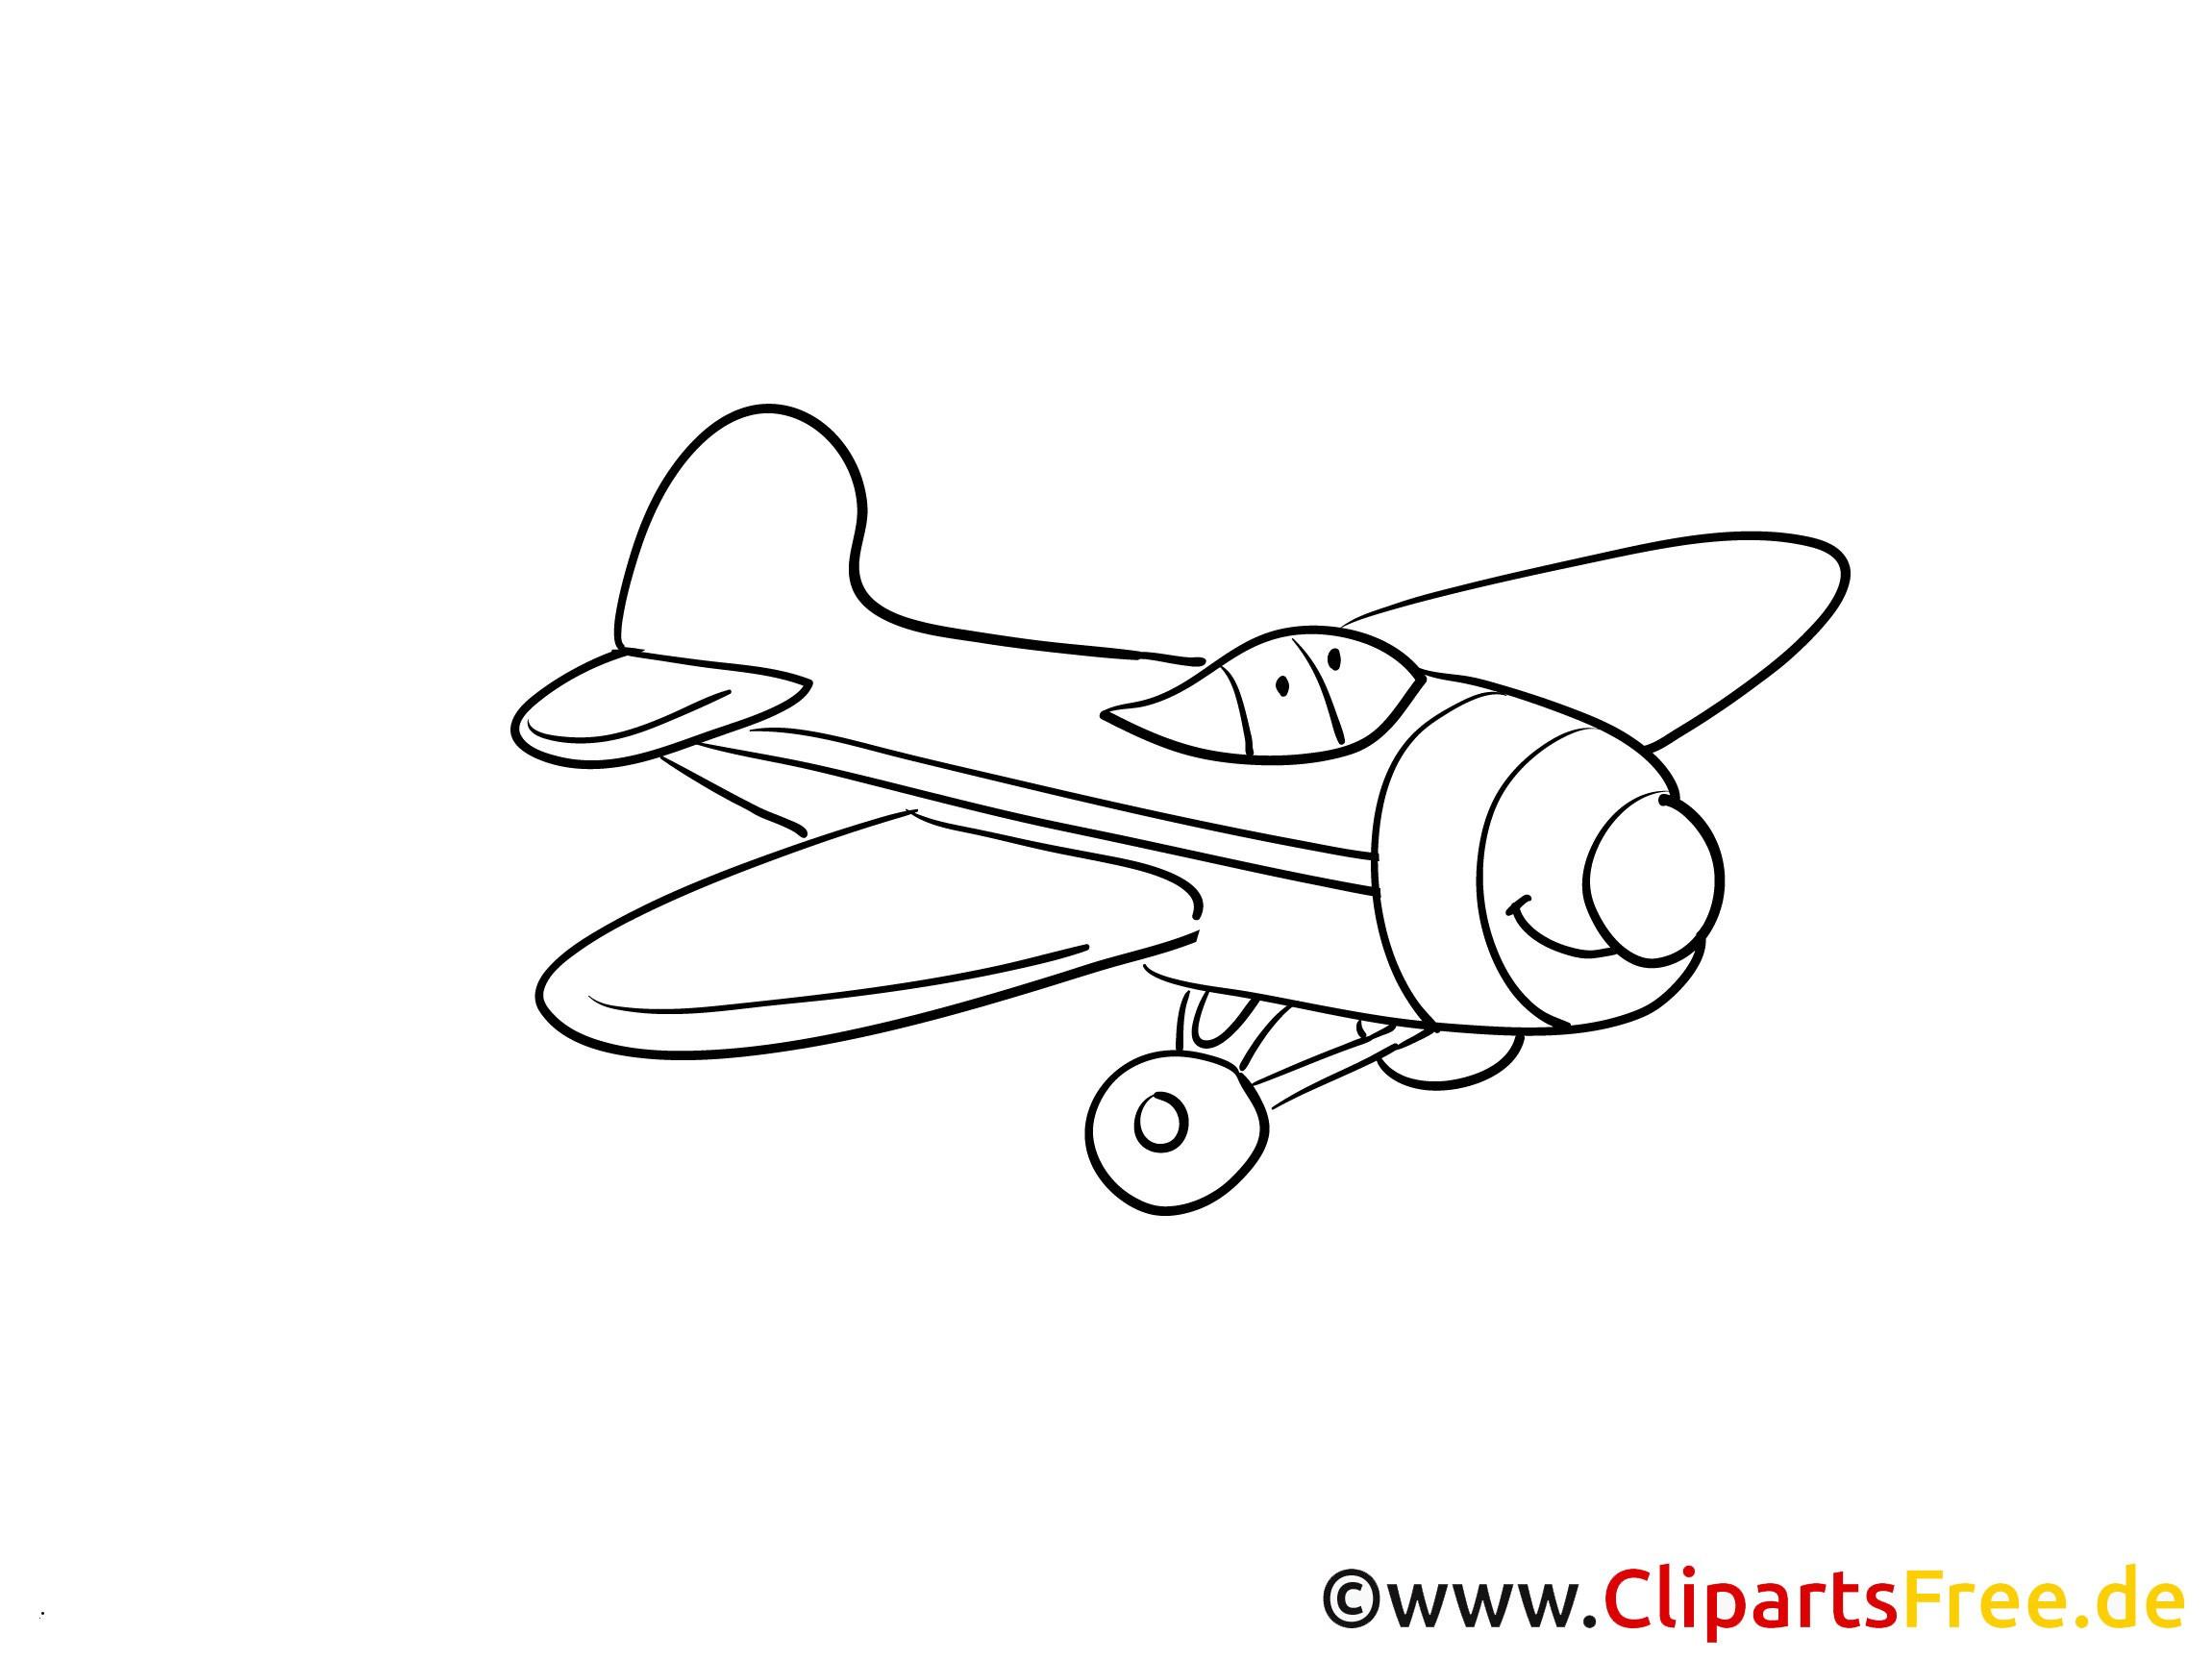 Flugzeug Bilder Zum Ausdrucken Einzigartig Malvorlagen Igel Best Igel Grundschule 0d Archives Uploadertalk Stock